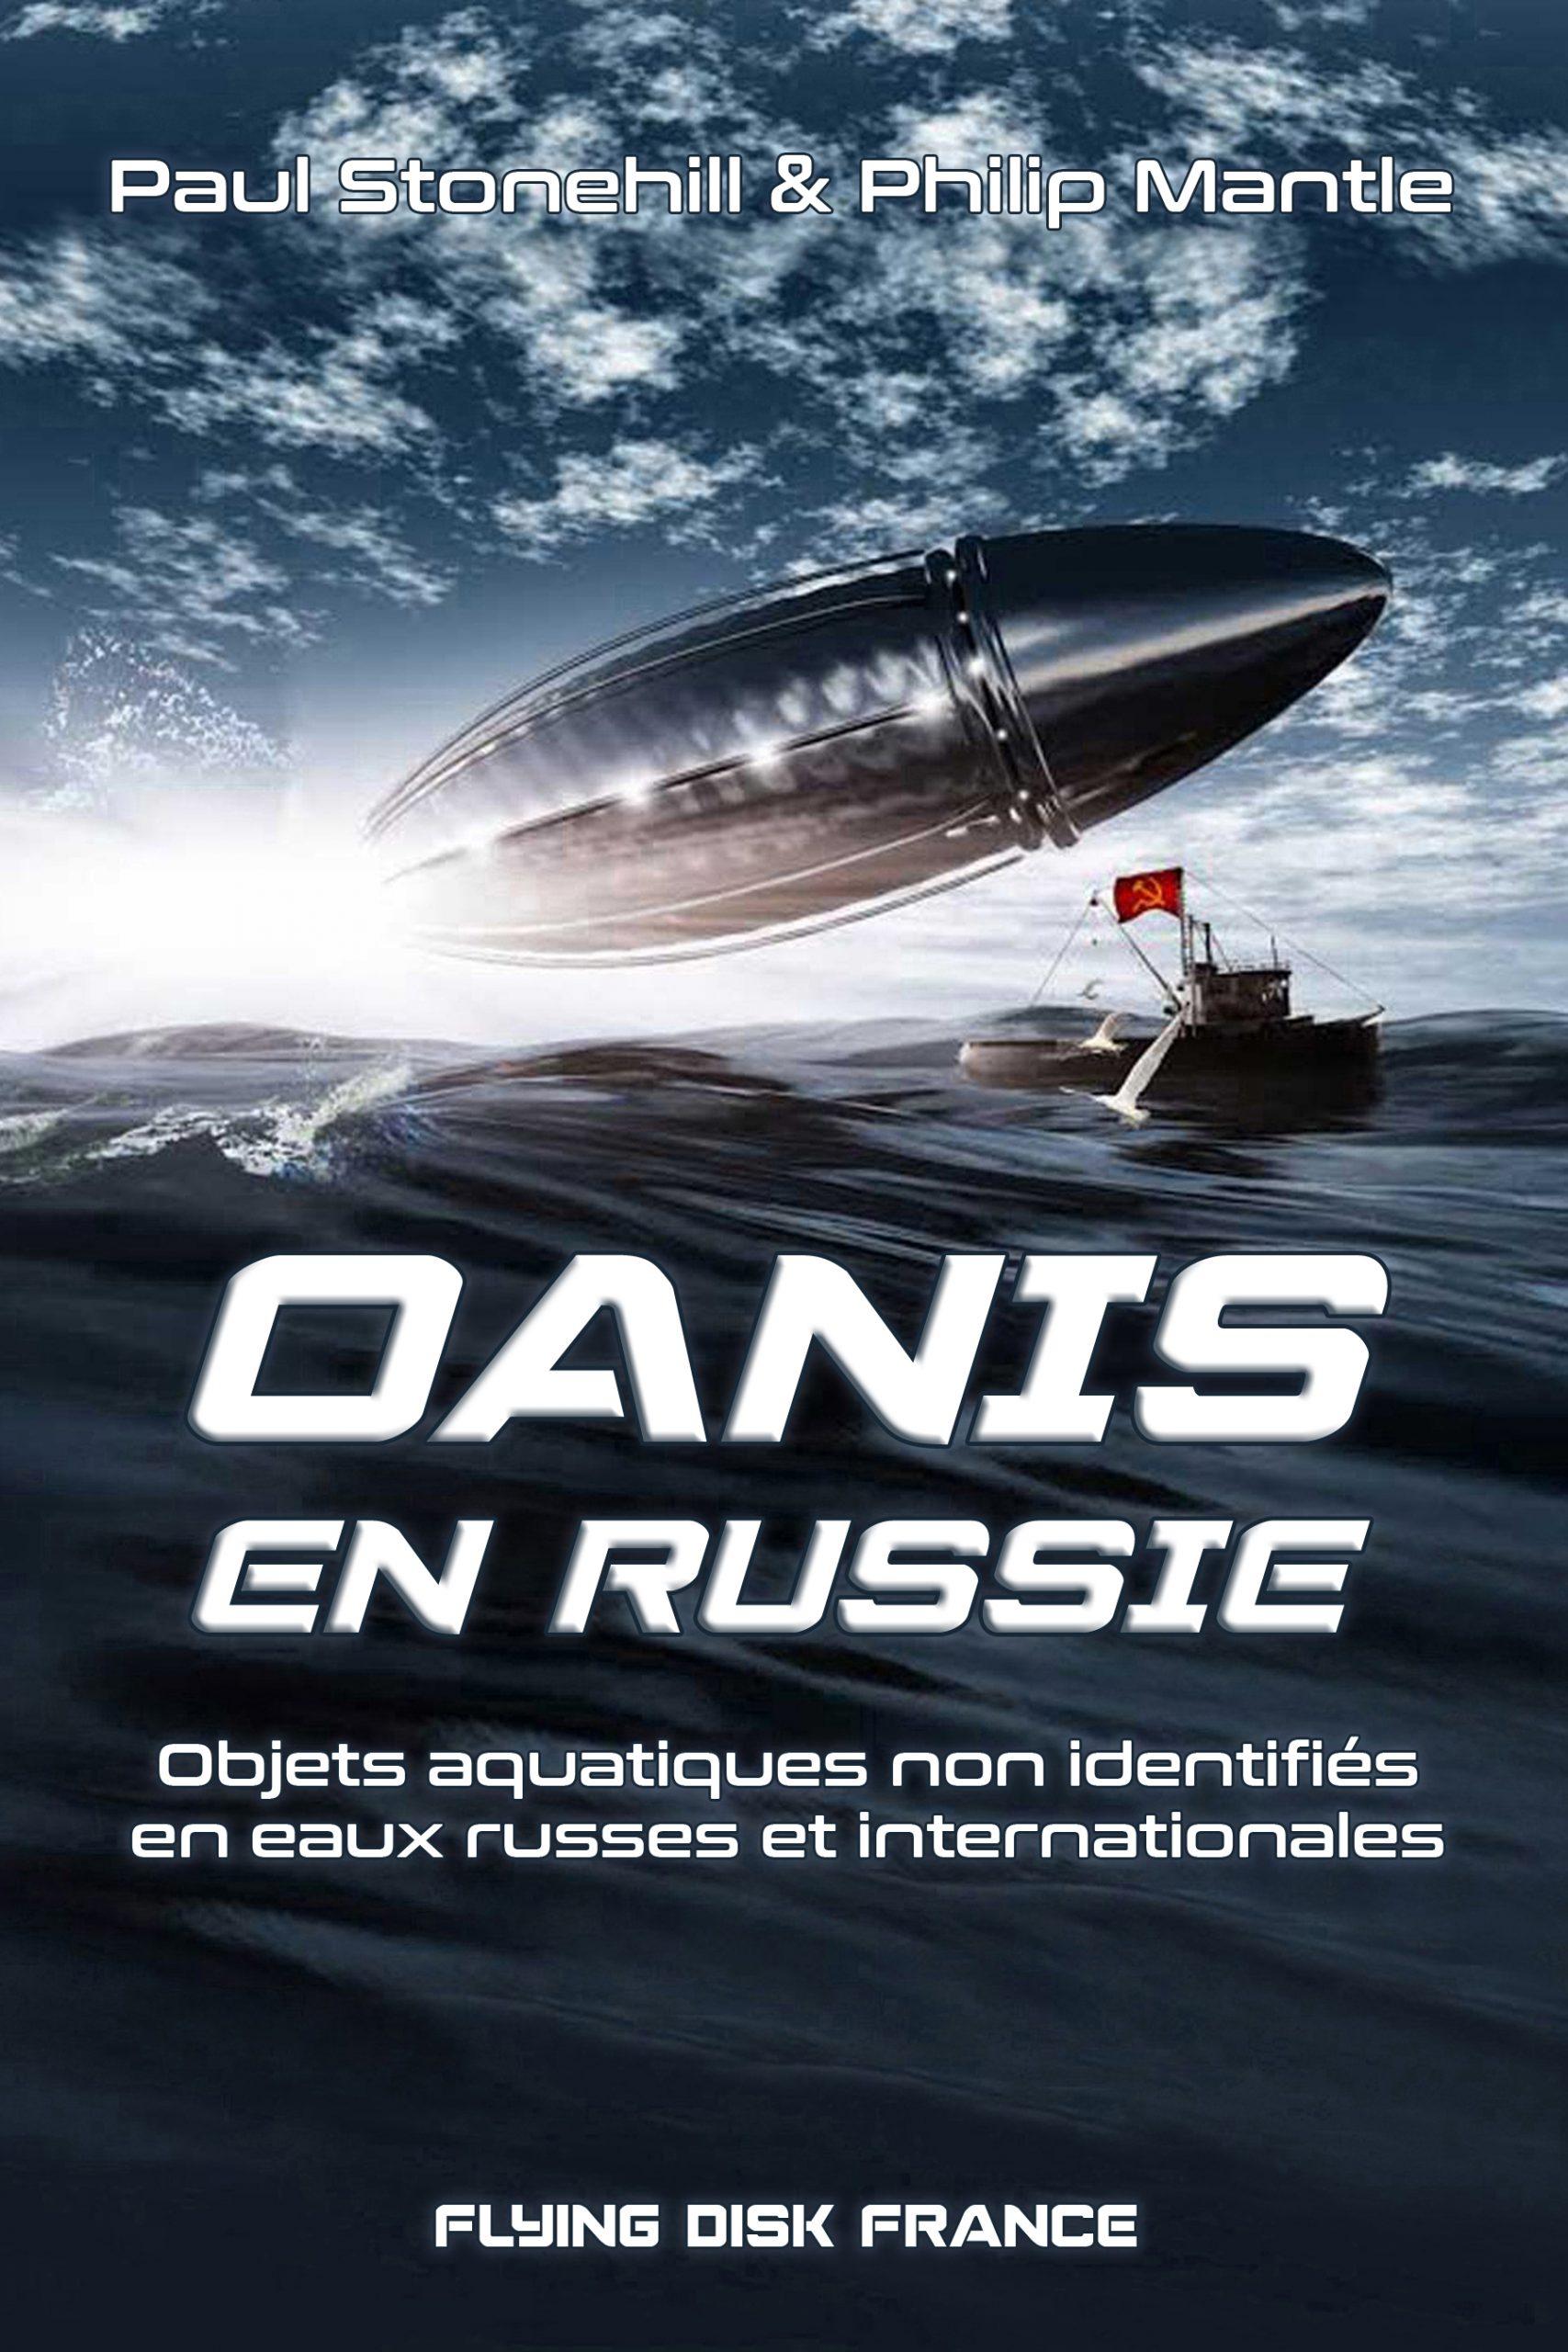 OANIS EN RUSSIE